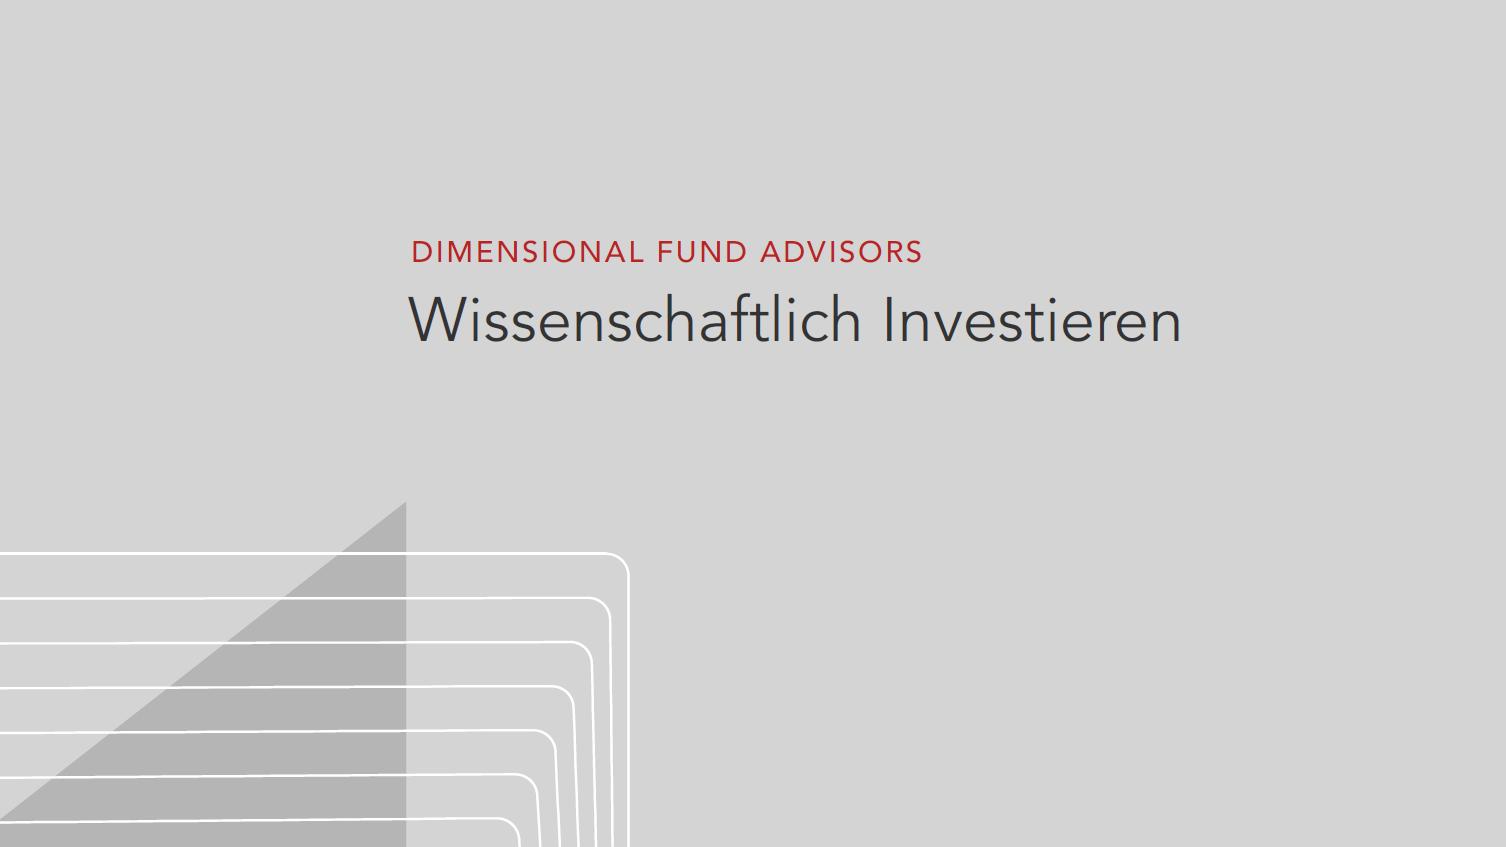 Breite Streuung. Es gibt einen hohen Grad an Diversifikation. Die Berechnung der Zielportfolien erfolgt transparent und regelbasierend. Vierfacher Rebalancing pro Jahr. Kostengünstige Assetklassenfonds in bewährten Investmentstrategien.